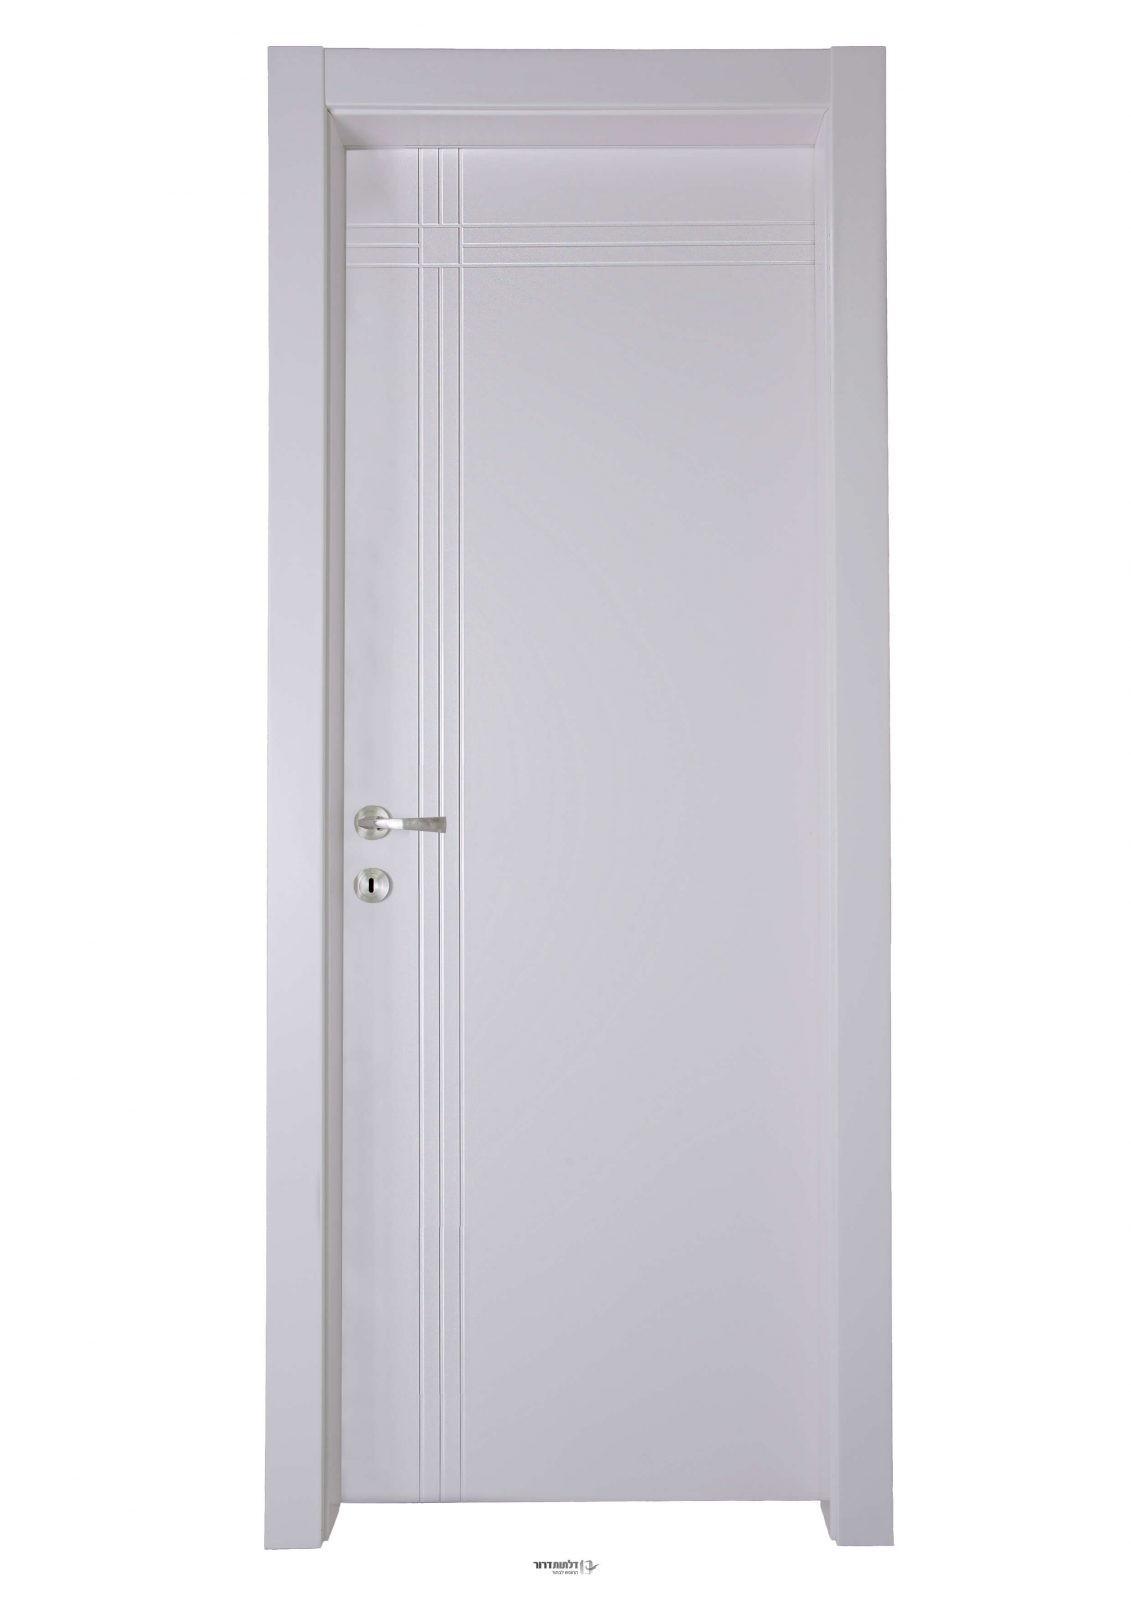 הוראות חדשות התקנת דלתות פנים | מתקין דלתות מקצועי 100% אחריות - דלתות דרור SC-69